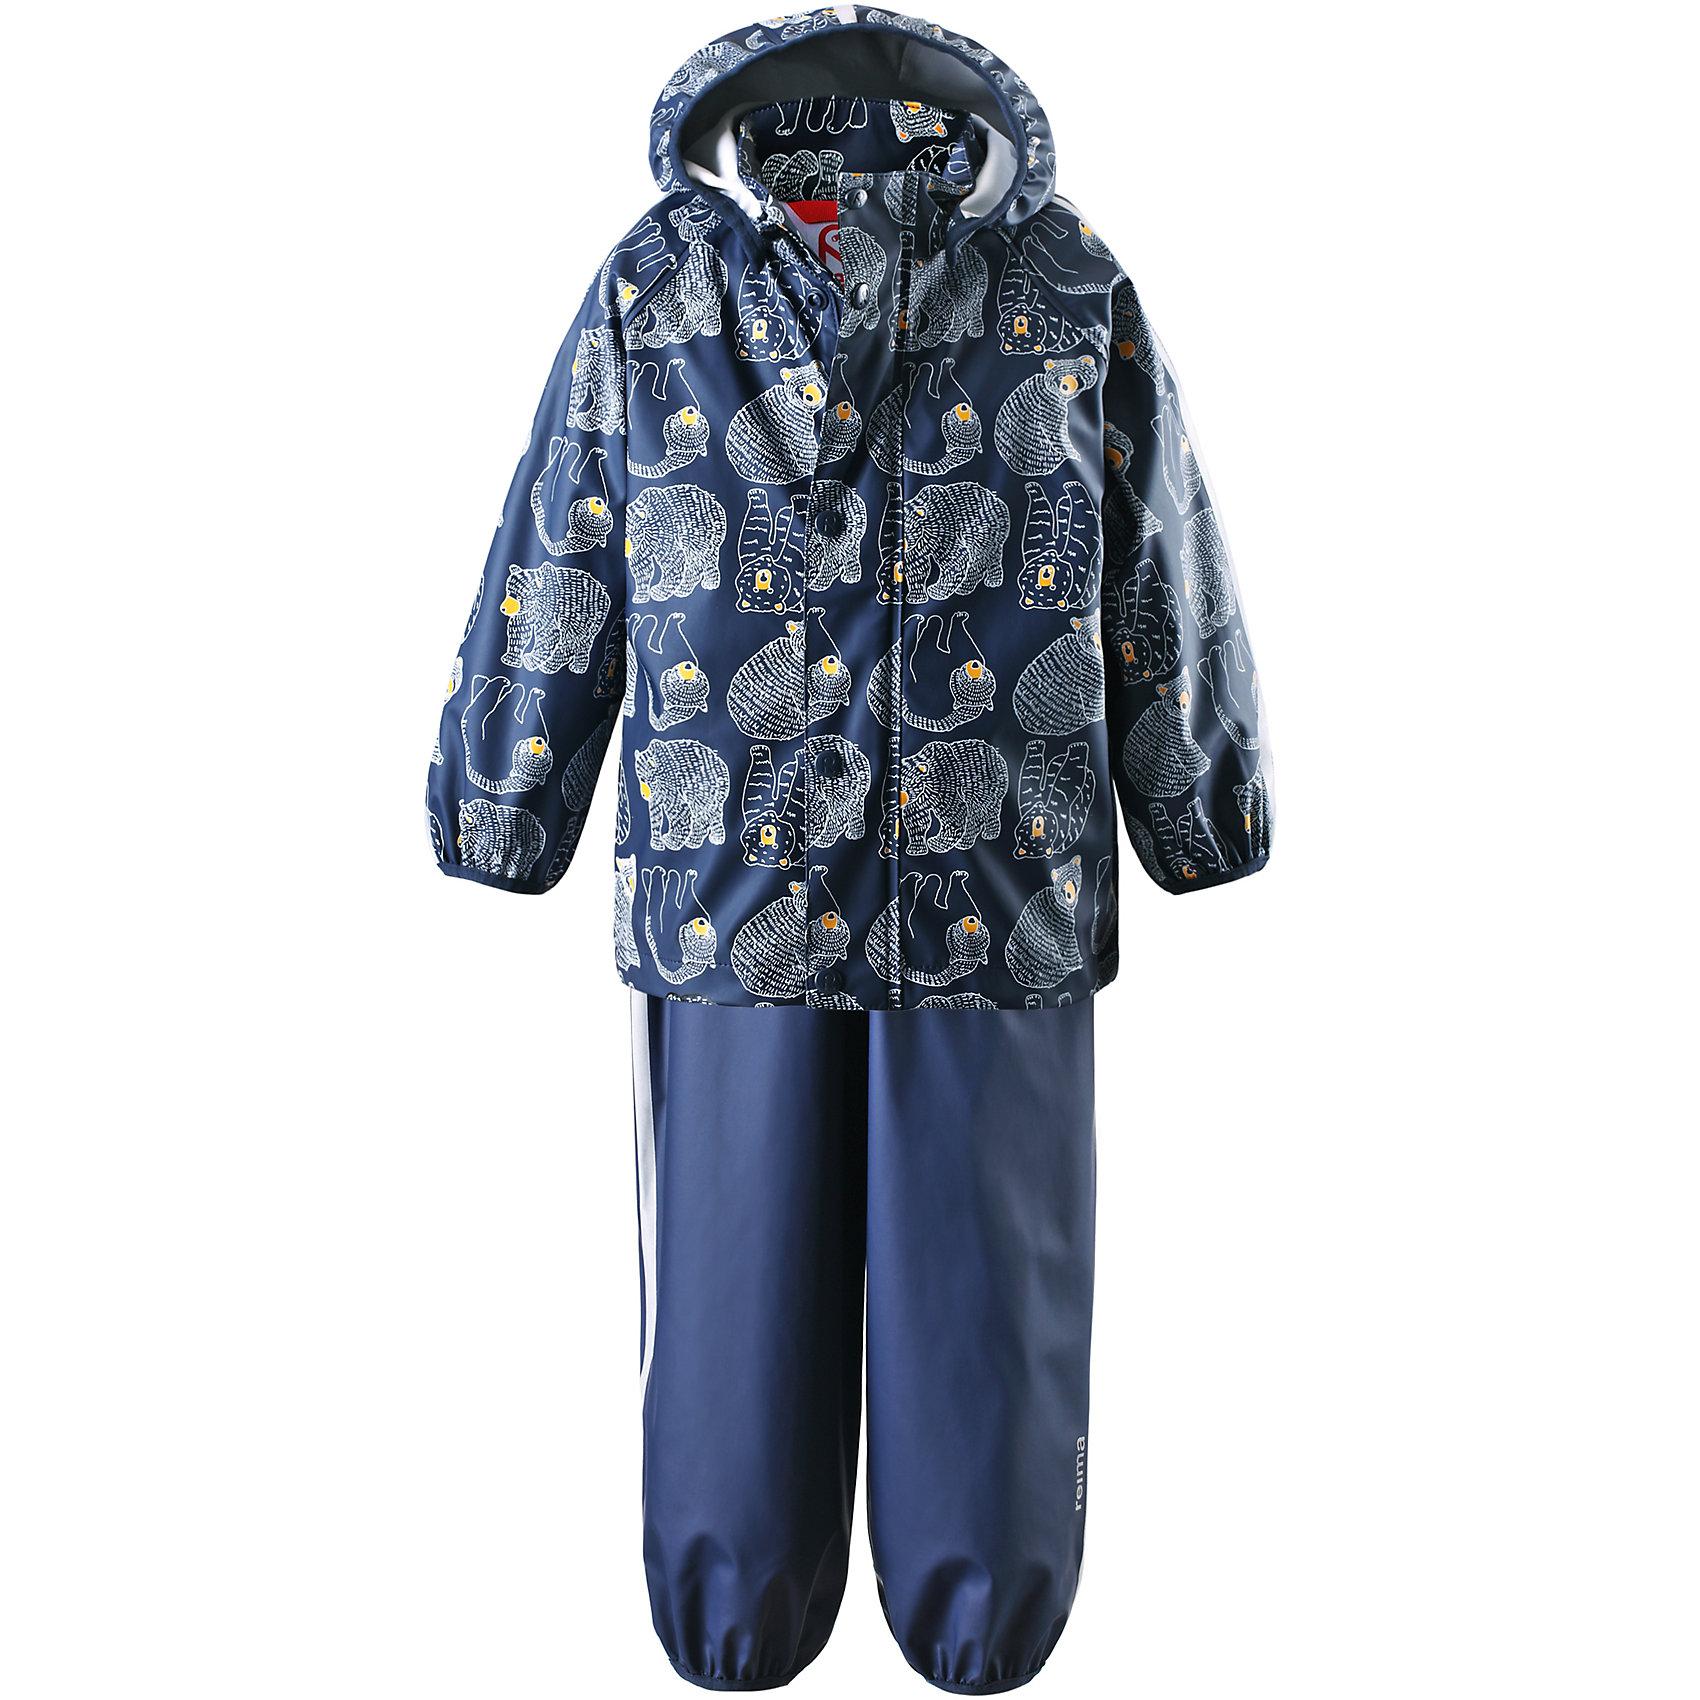 Непромокаемый комплект: куртка и брюки Kupla для мальчика ReimaНепромокаемый комплект: куртка и брюки Reima.<br>Комплект для дождливой погоды для малышей. Запаянные швы, не пропускающие влагу. Эластичный материал. Без ПХВ. Безопасный, съемный капюшон. Эластичная резинка на кромке капюшона. Эластичные манжеты. Регулируемый обхват талии. Эластичная резинка на штанинах. Съемные эластичные штрипки. Молния спереди. Регулируемые эластичные подтяжки. Безопасные светоотражающие детали. Отличный вариант для дождливой погоды.<br>Уход:<br>Стирать по отдельности, вывернув наизнанку. Застегнуть молнии и липучки. Стирать моющим средством, не содержащим отбеливающие вещества. Полоскать без специального средства. Во избежание изменения цвета изделие необходимо вынуть из стиральной машинки незамедлительно после окончания программы стирки. Сушить при низкой температуре.<br>Состав:<br>100% Полиамид, полиуретановое покрытие<br><br>Ширина мм: 356<br>Глубина мм: 10<br>Высота мм: 245<br>Вес г: 519<br>Цвет: синий<br>Возраст от месяцев: 36<br>Возраст до месяцев: 48<br>Пол: Мужской<br>Возраст: Детский<br>Размер: 110,80,98,116,86,104,92<br>SKU: 4776196